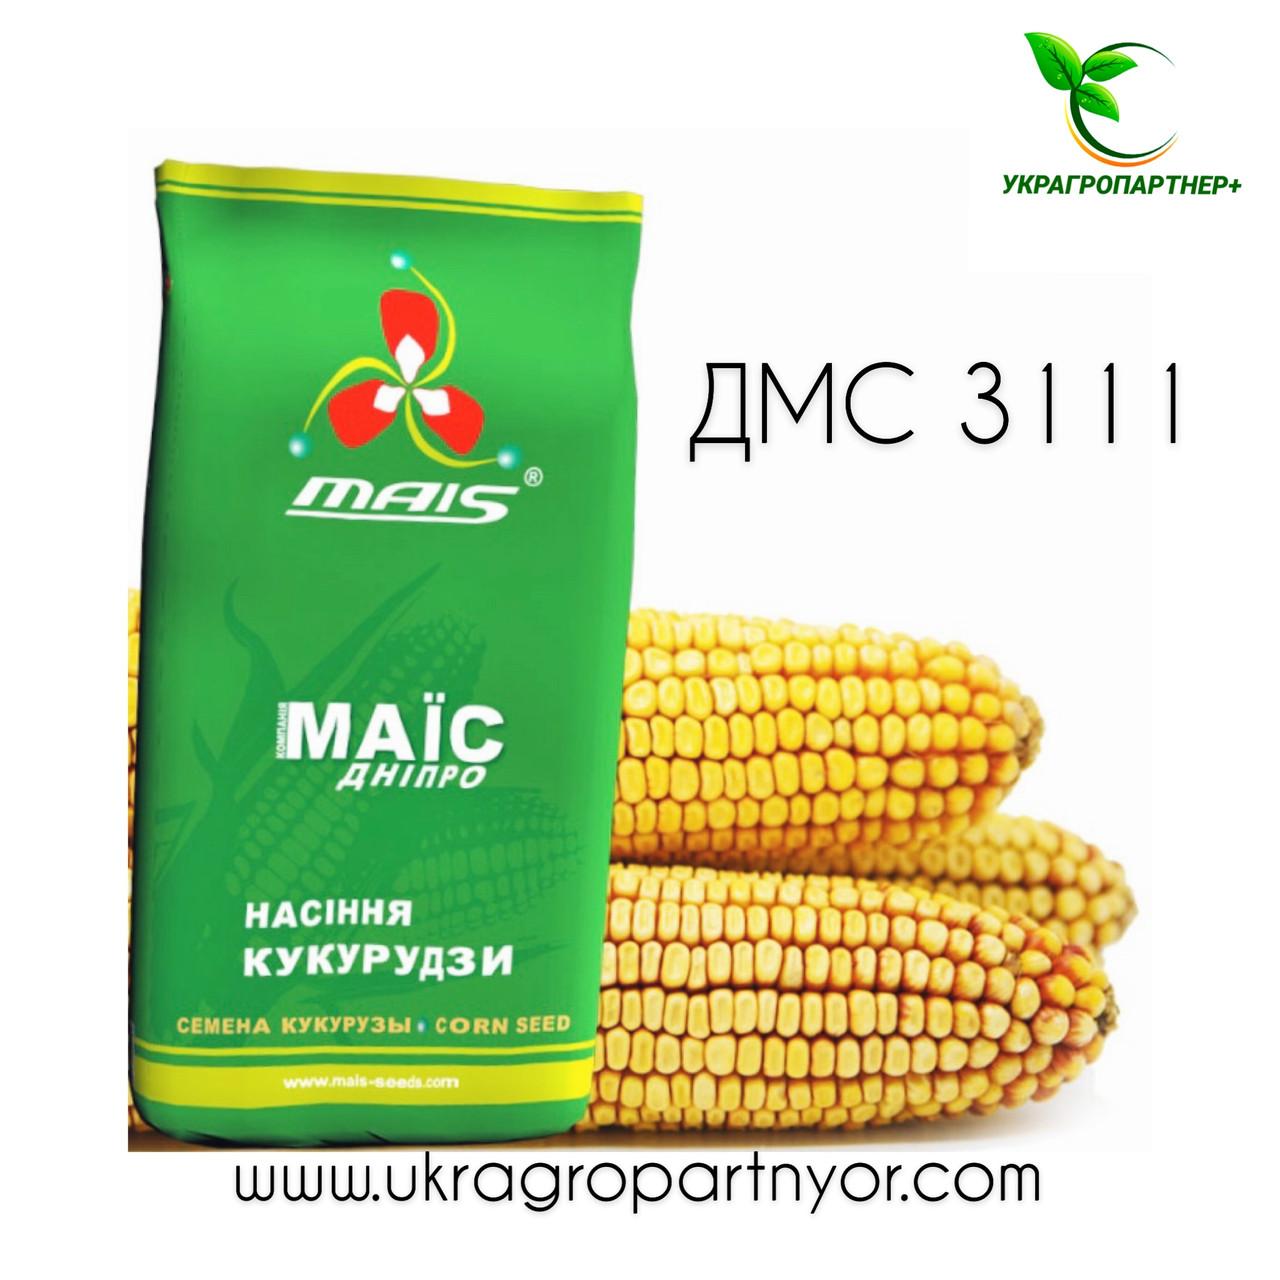 Семена Кукурузы ДМС 3111 (ФАО - 310) (МАИС Синельн)